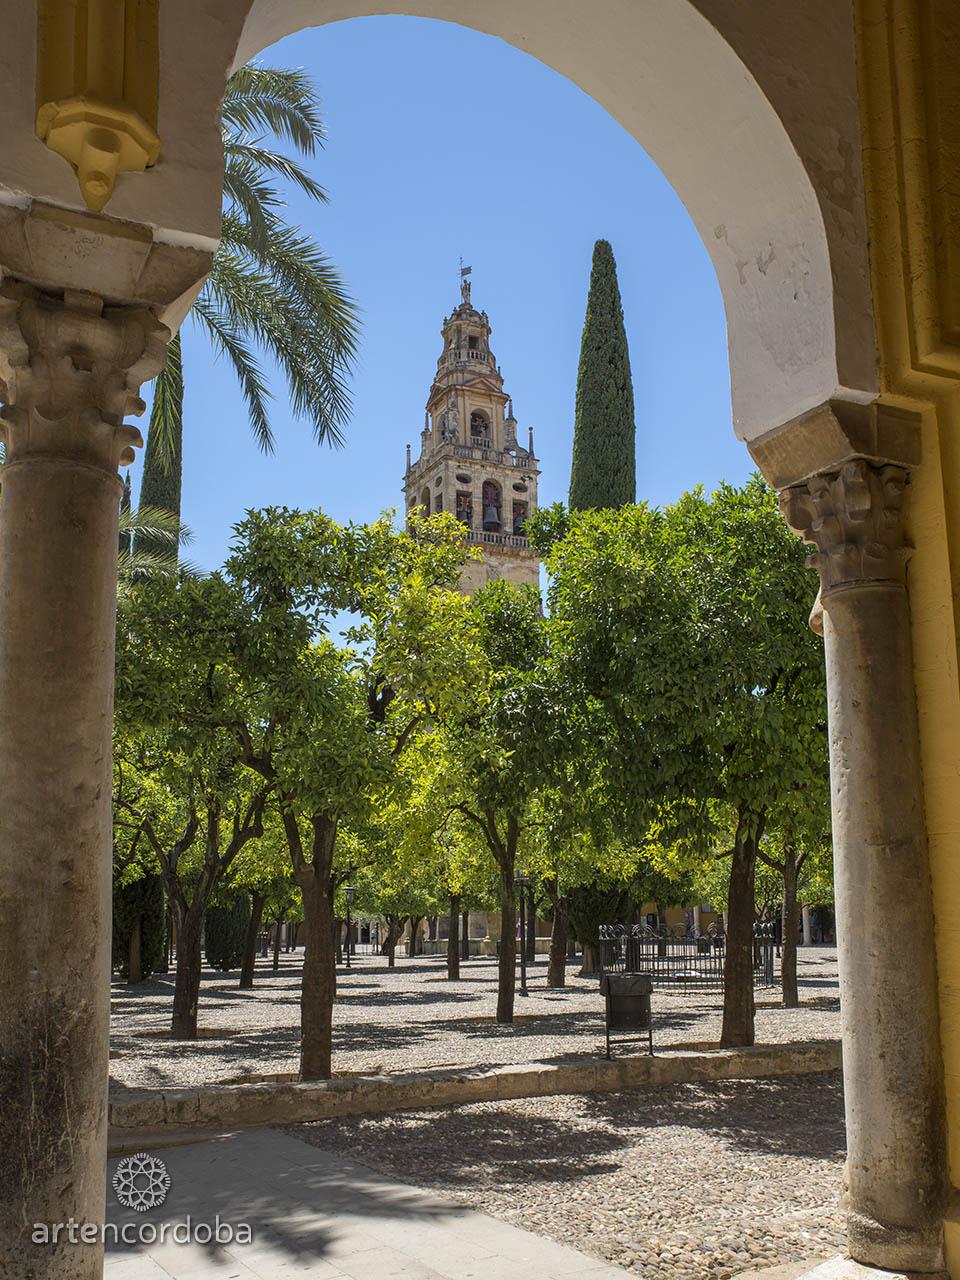 La Torre-Campanario vista desde el Patio de los Naranjos de la Mezquita-Catedral de Córdoba